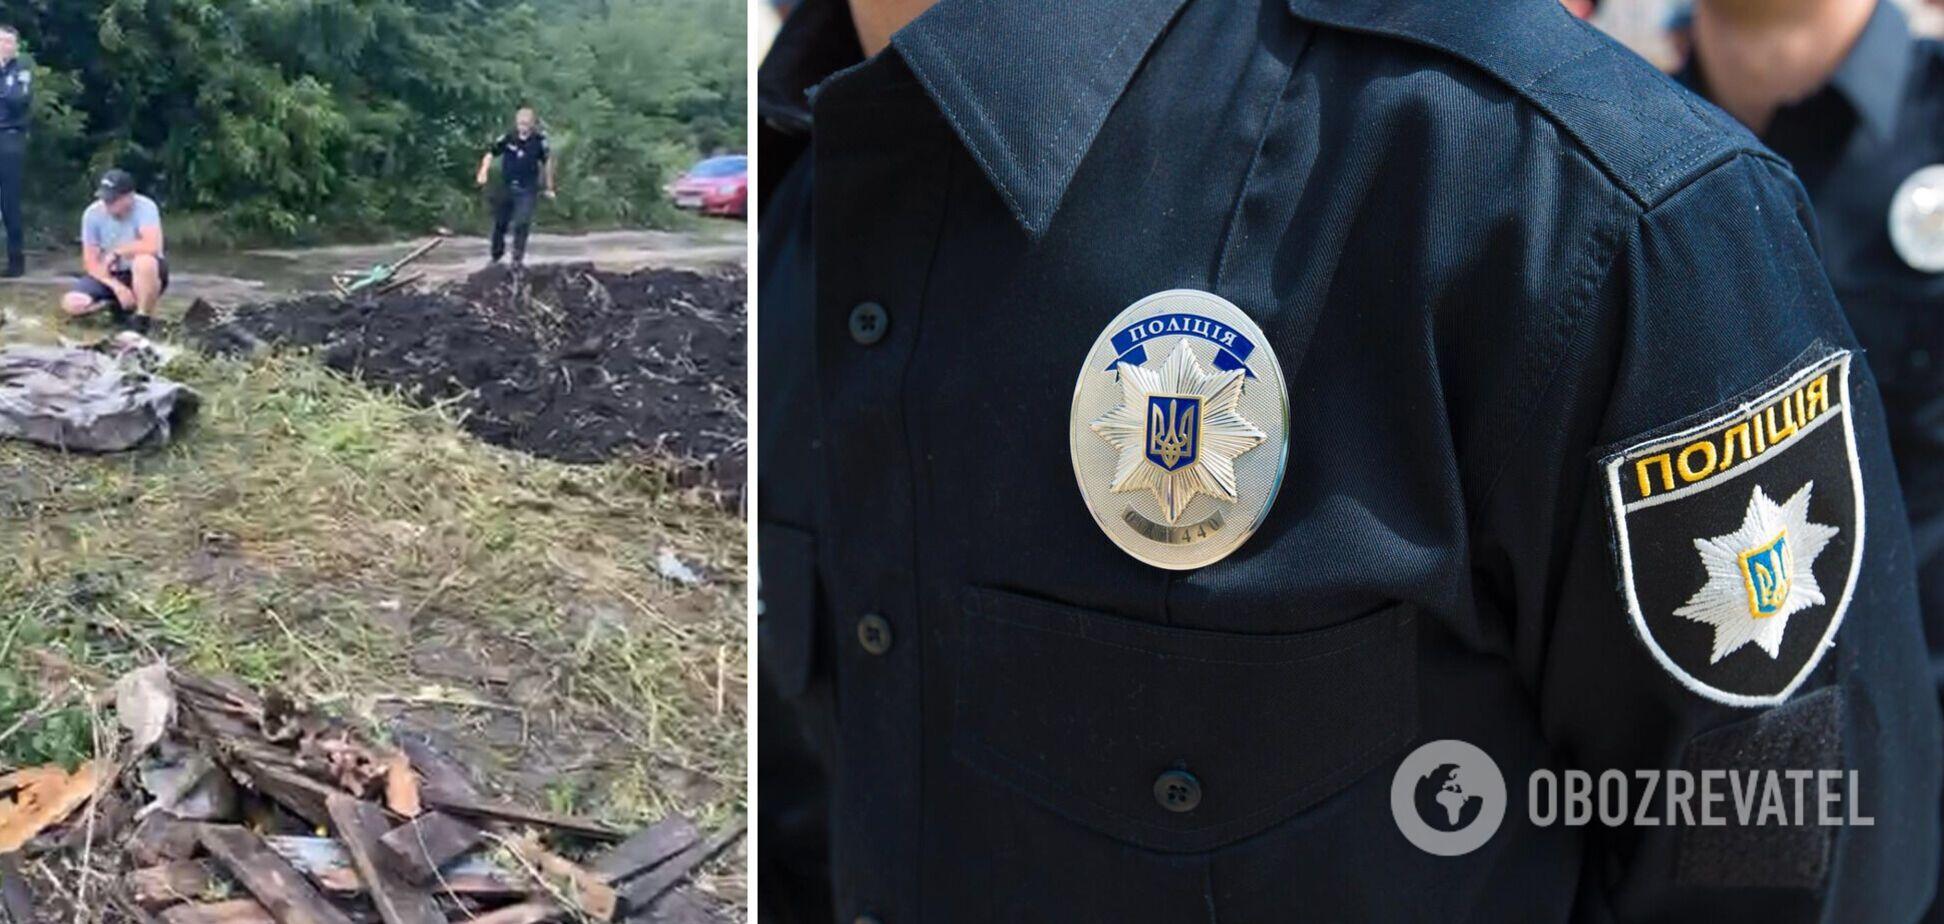 Друзья спрятали тело: на Тернопольщине нашли останки парня, загадочно пропавшего 18 лет назад. Фото и видео